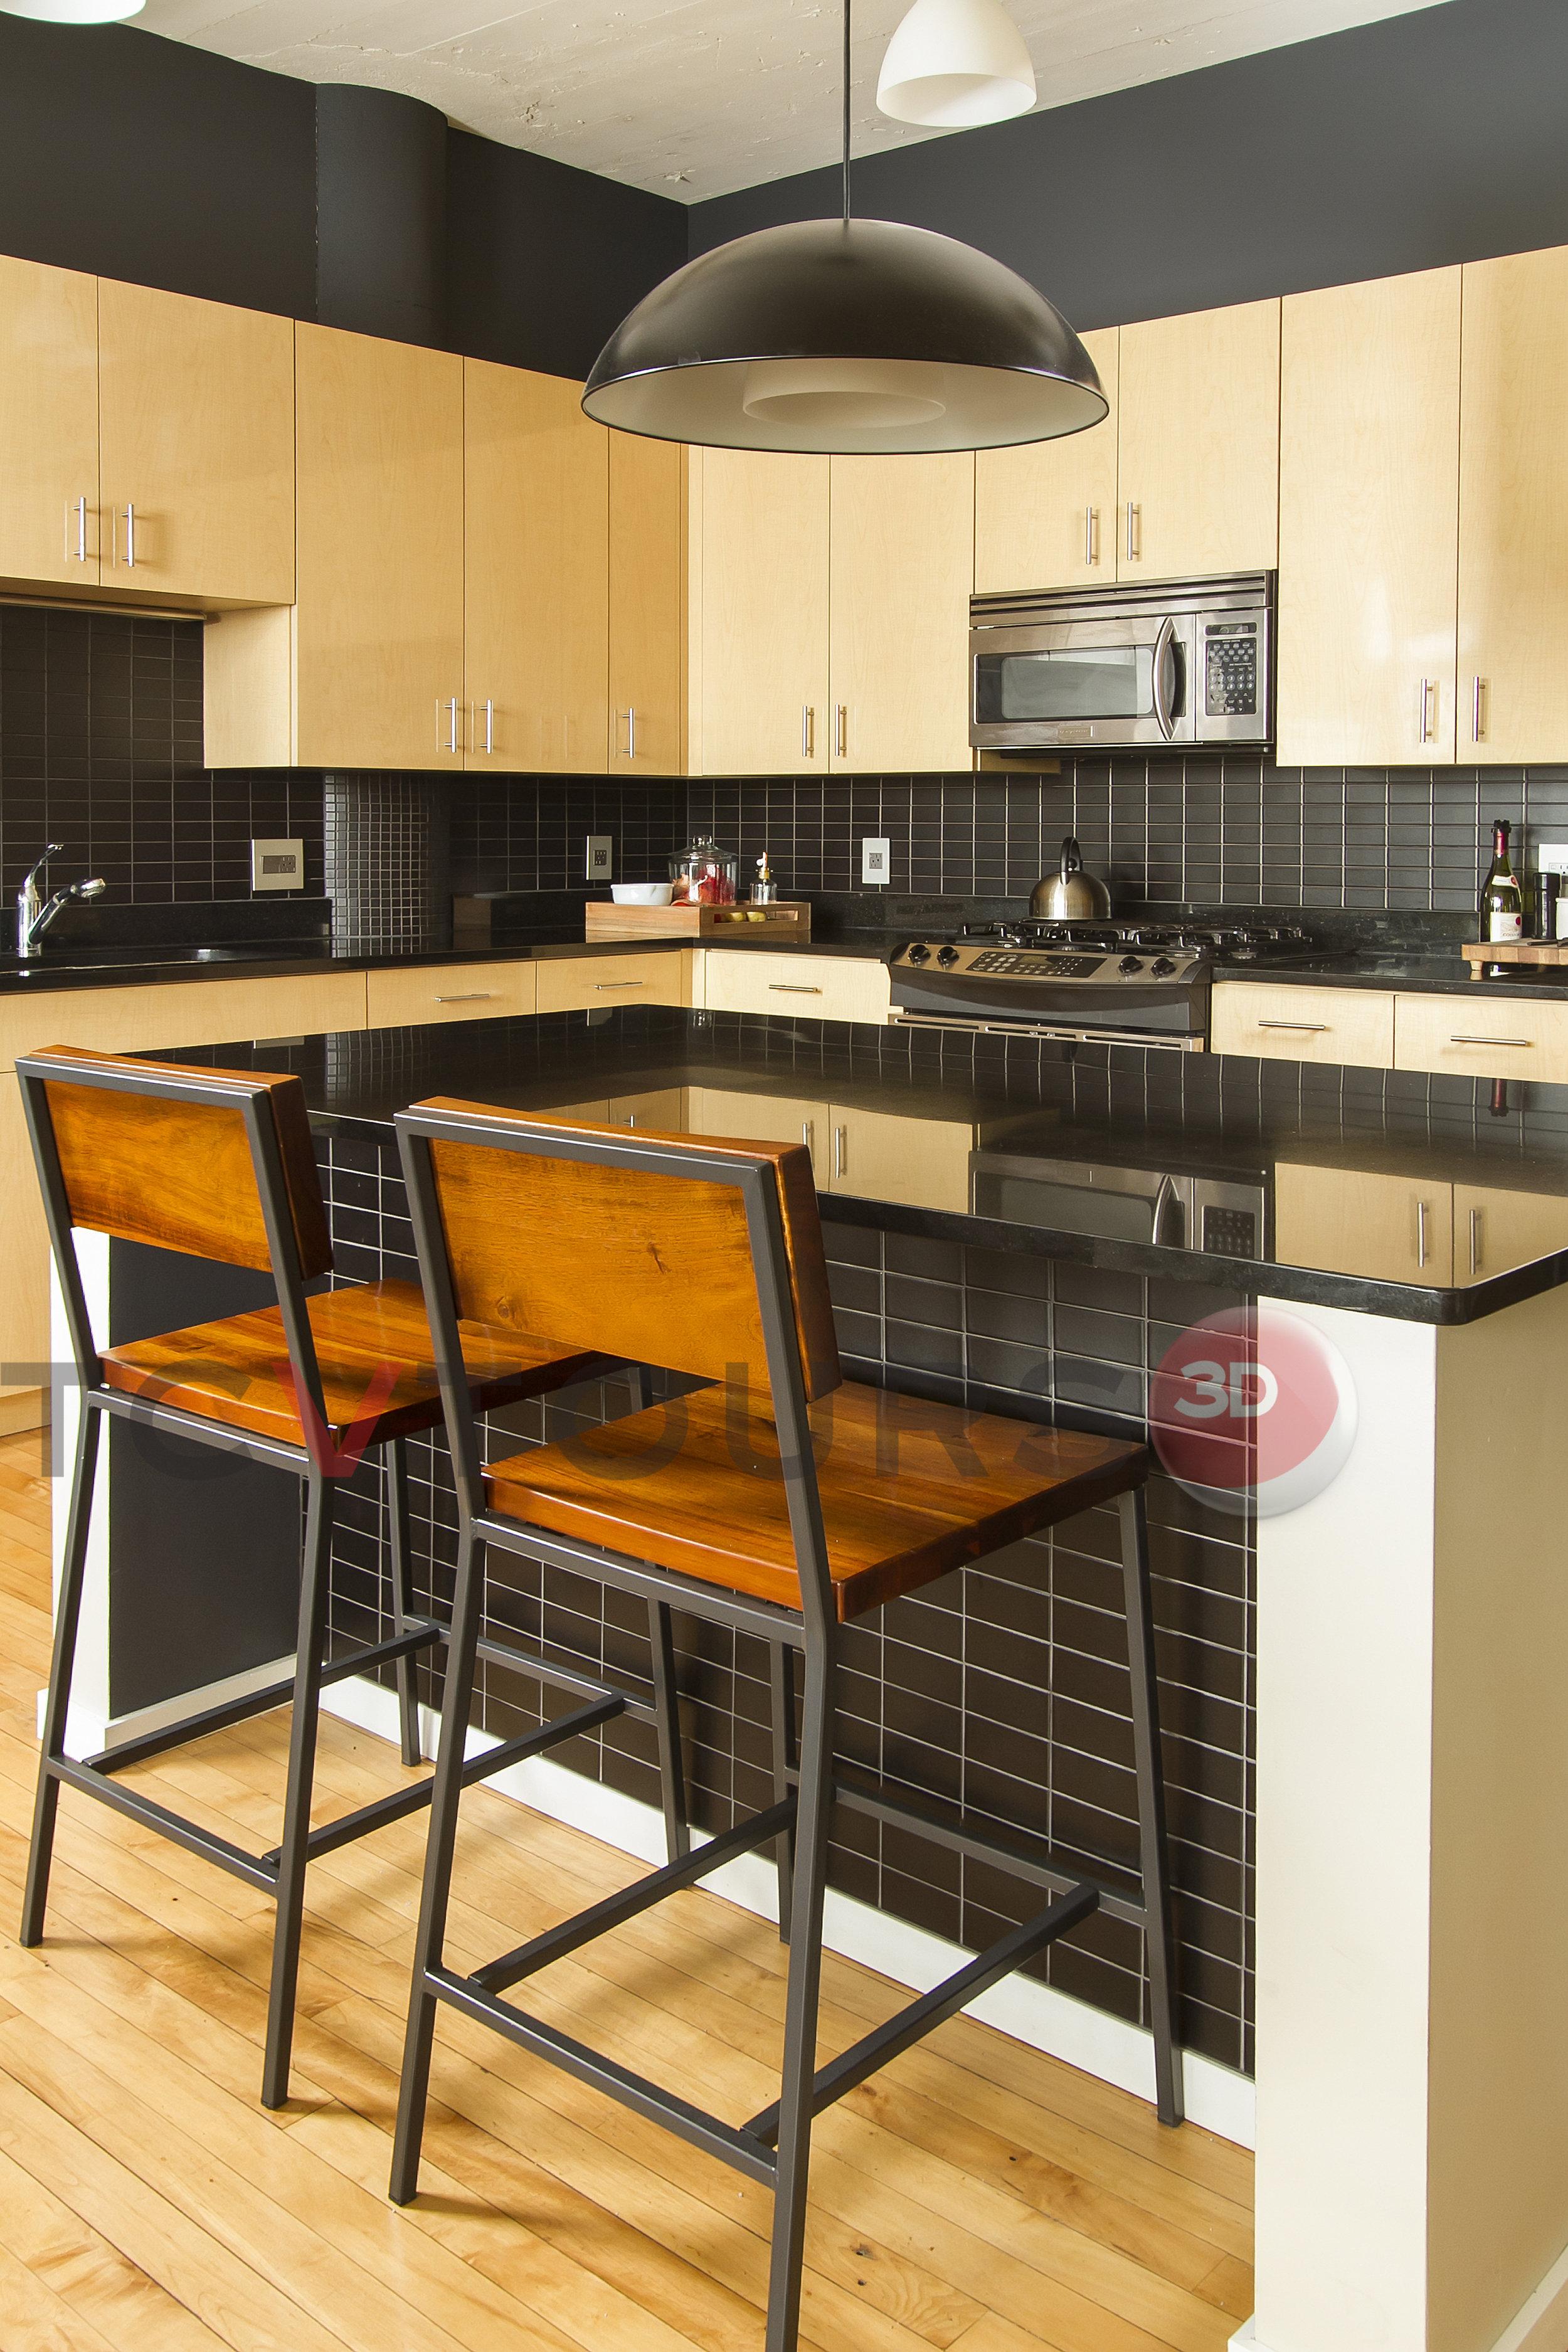 017_kitchen island vert H20.jpg